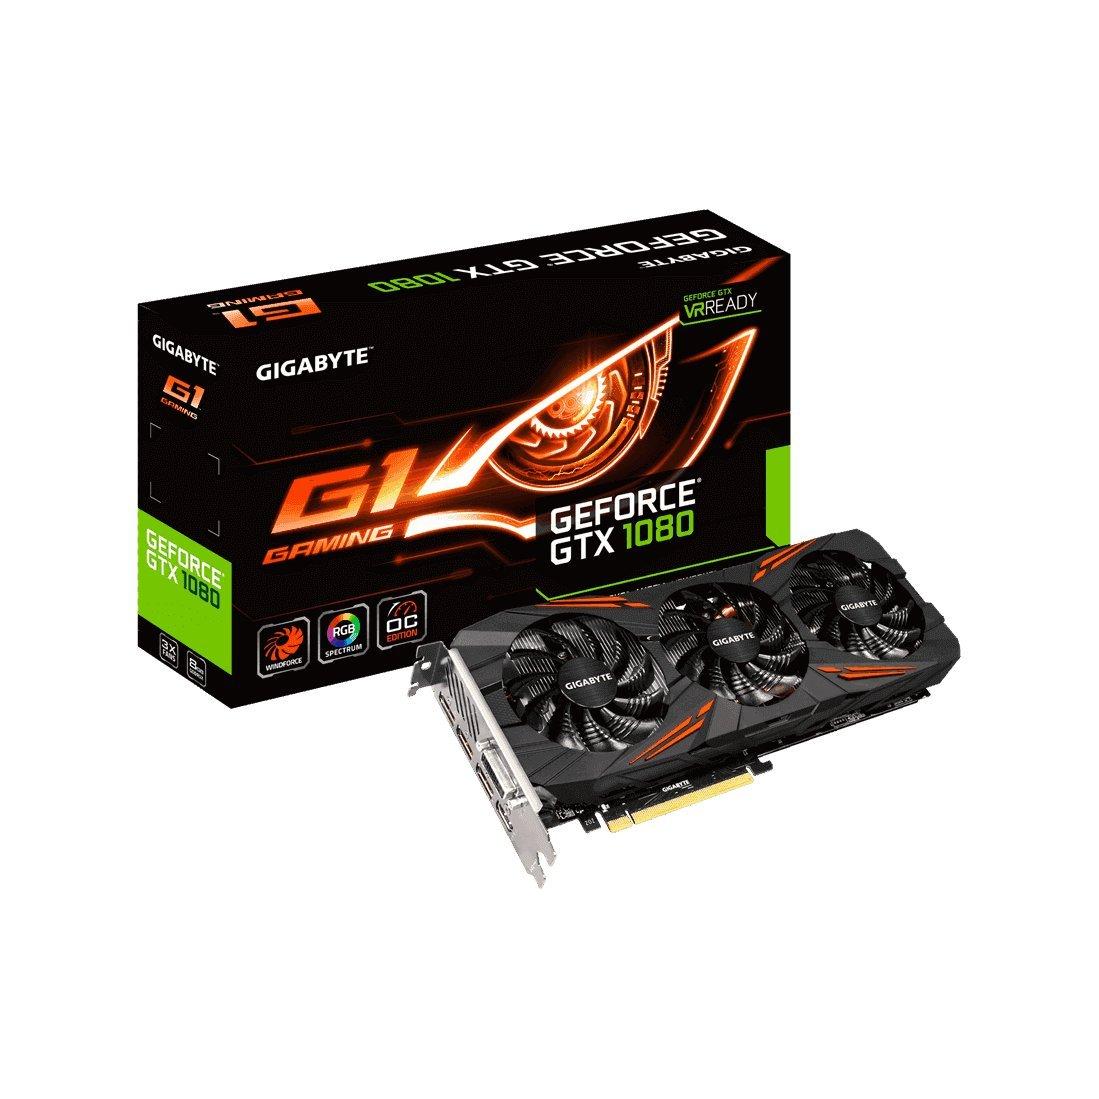 ビデオカード NVIDIA GeForce GTX 1080搭載